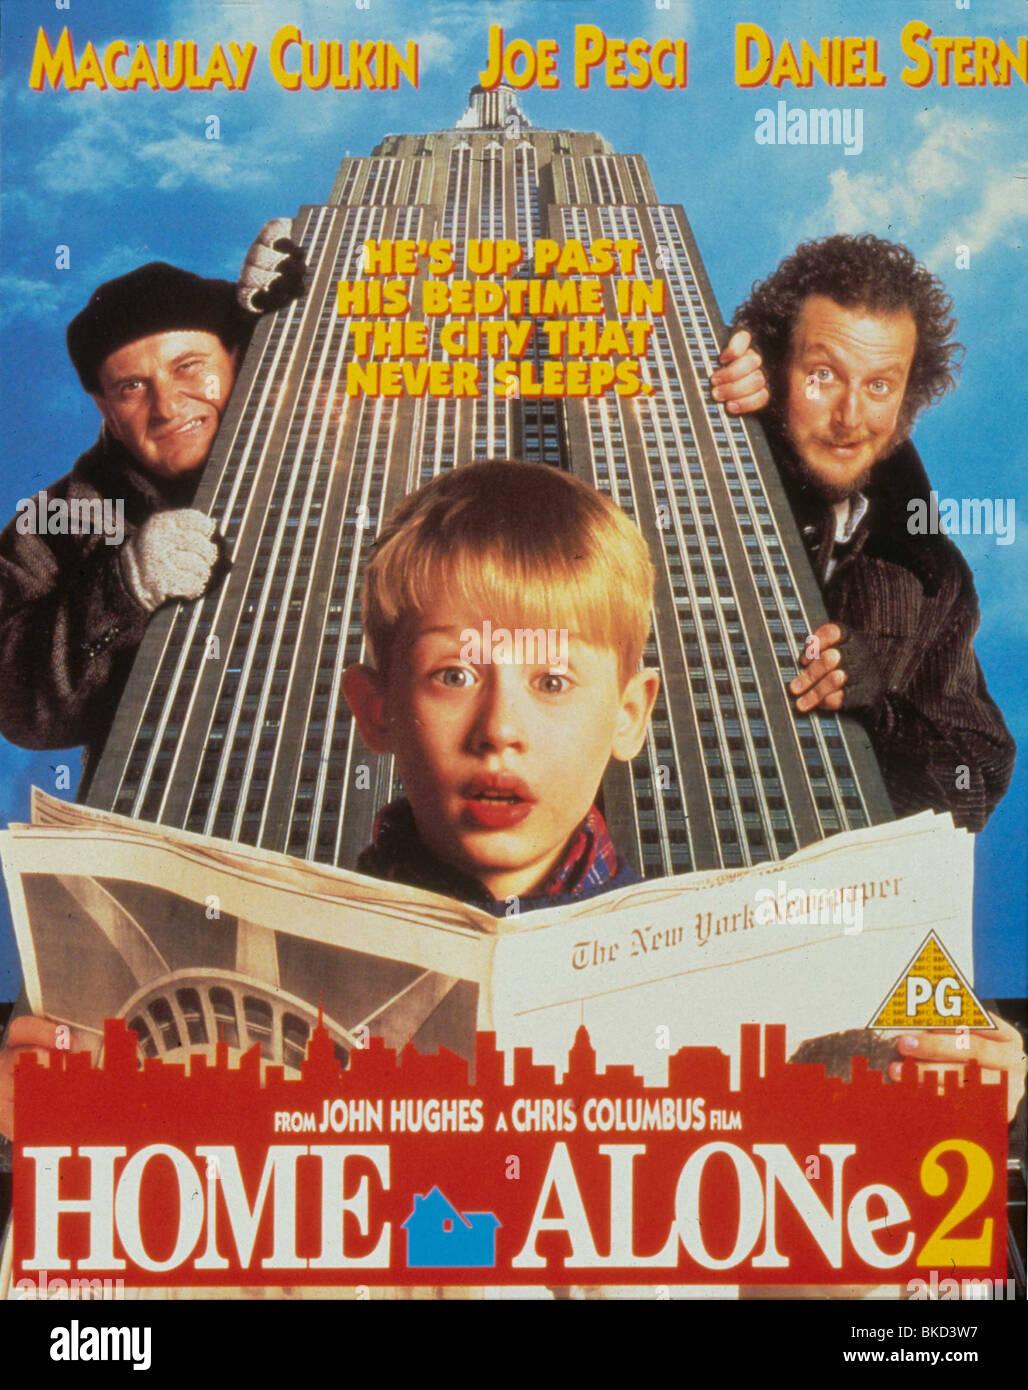 Home Alone Movie Poster Stockfotos und  bilder Kaufen   Alamy